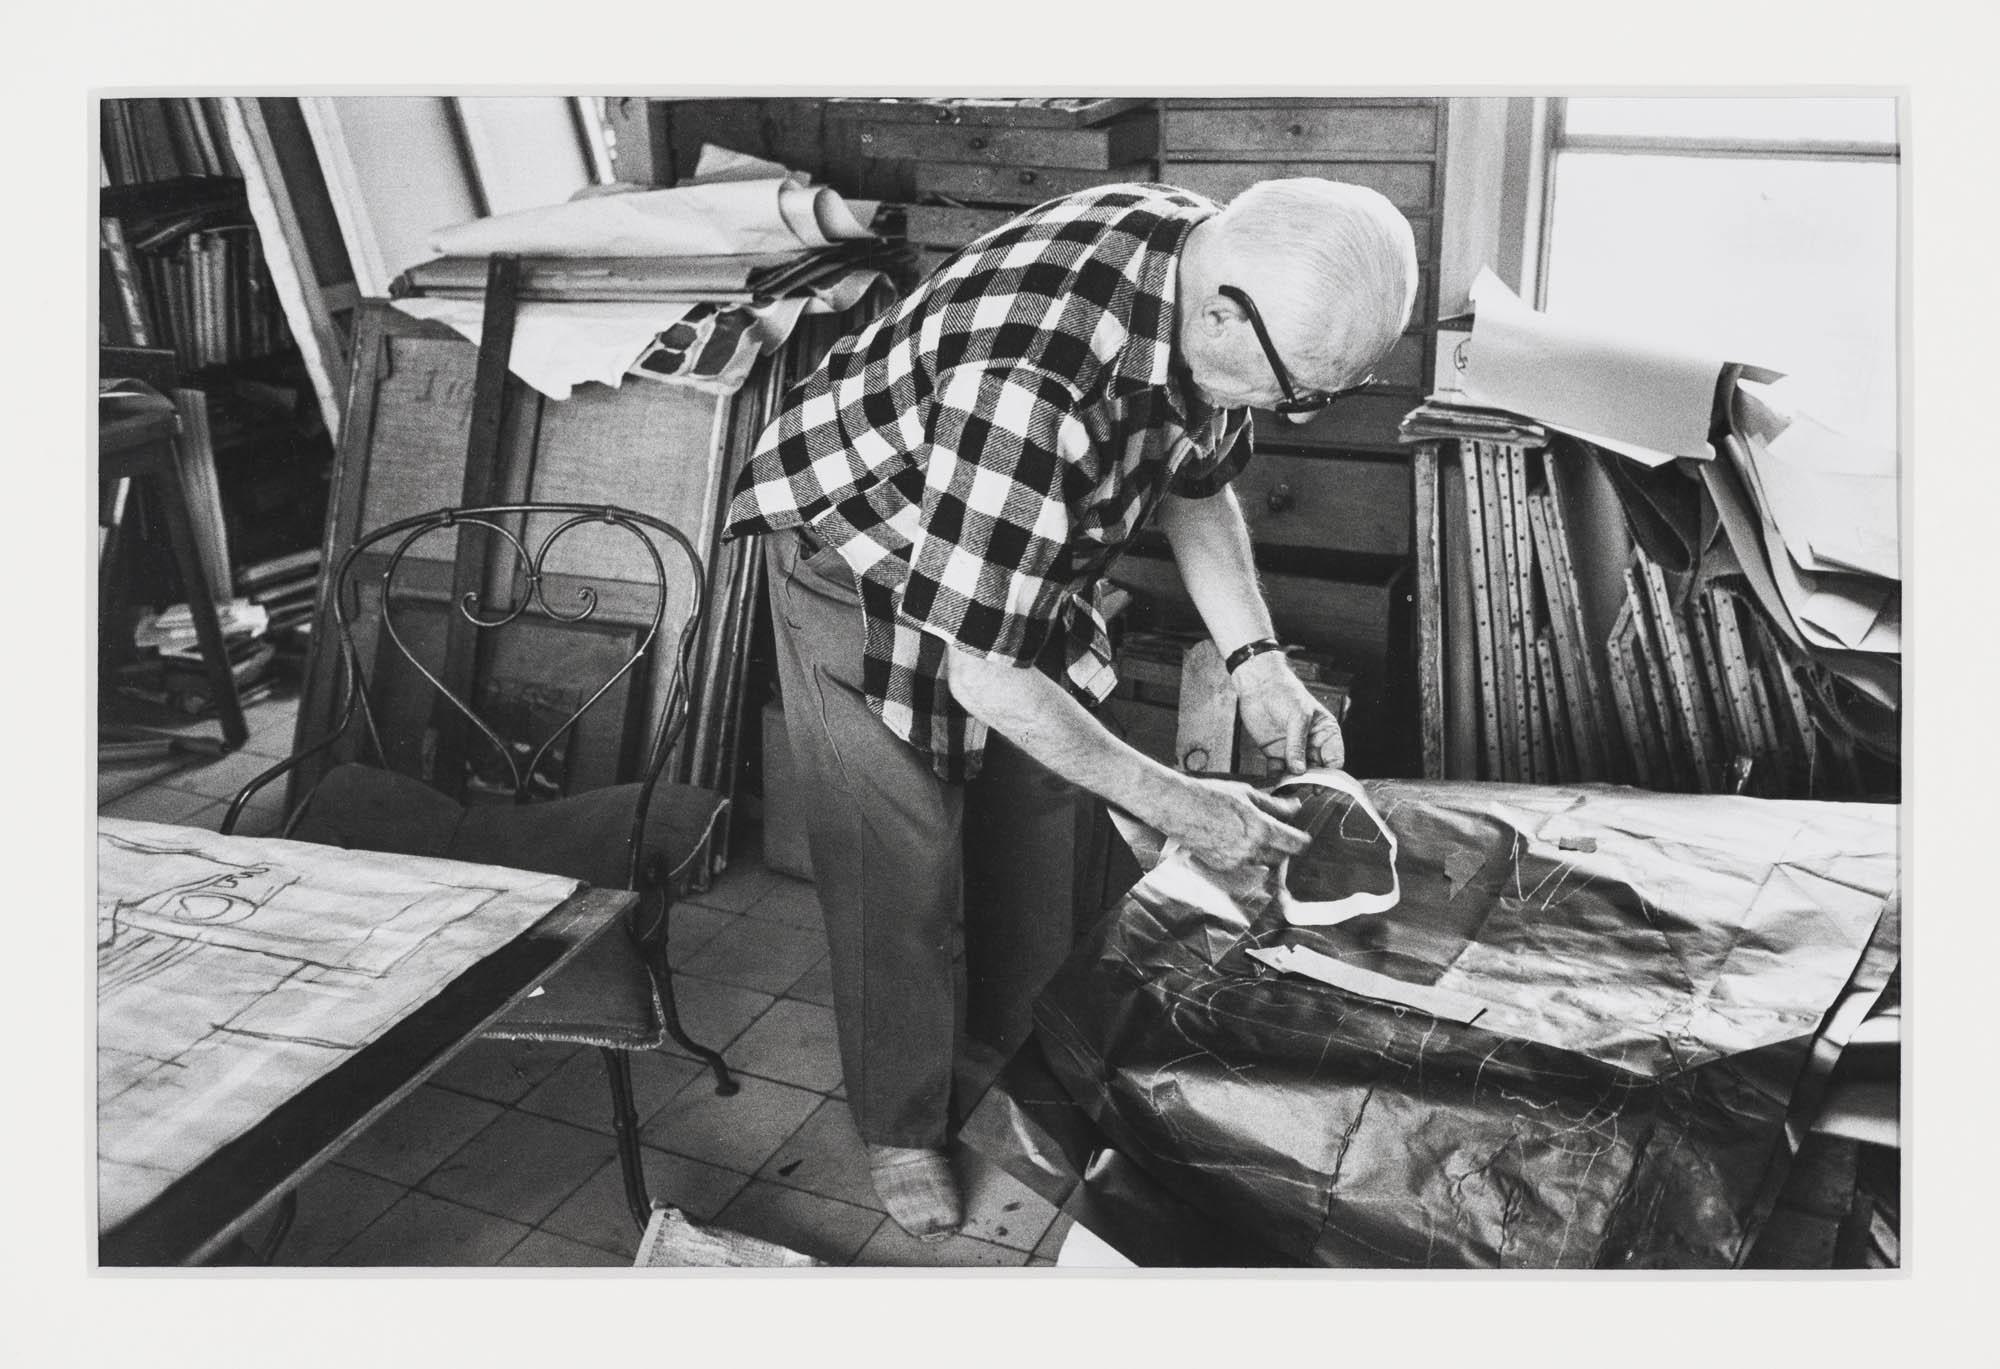 Le Corbusier in seinem Studio, 35 rue de Sèvres, Paris René Burri